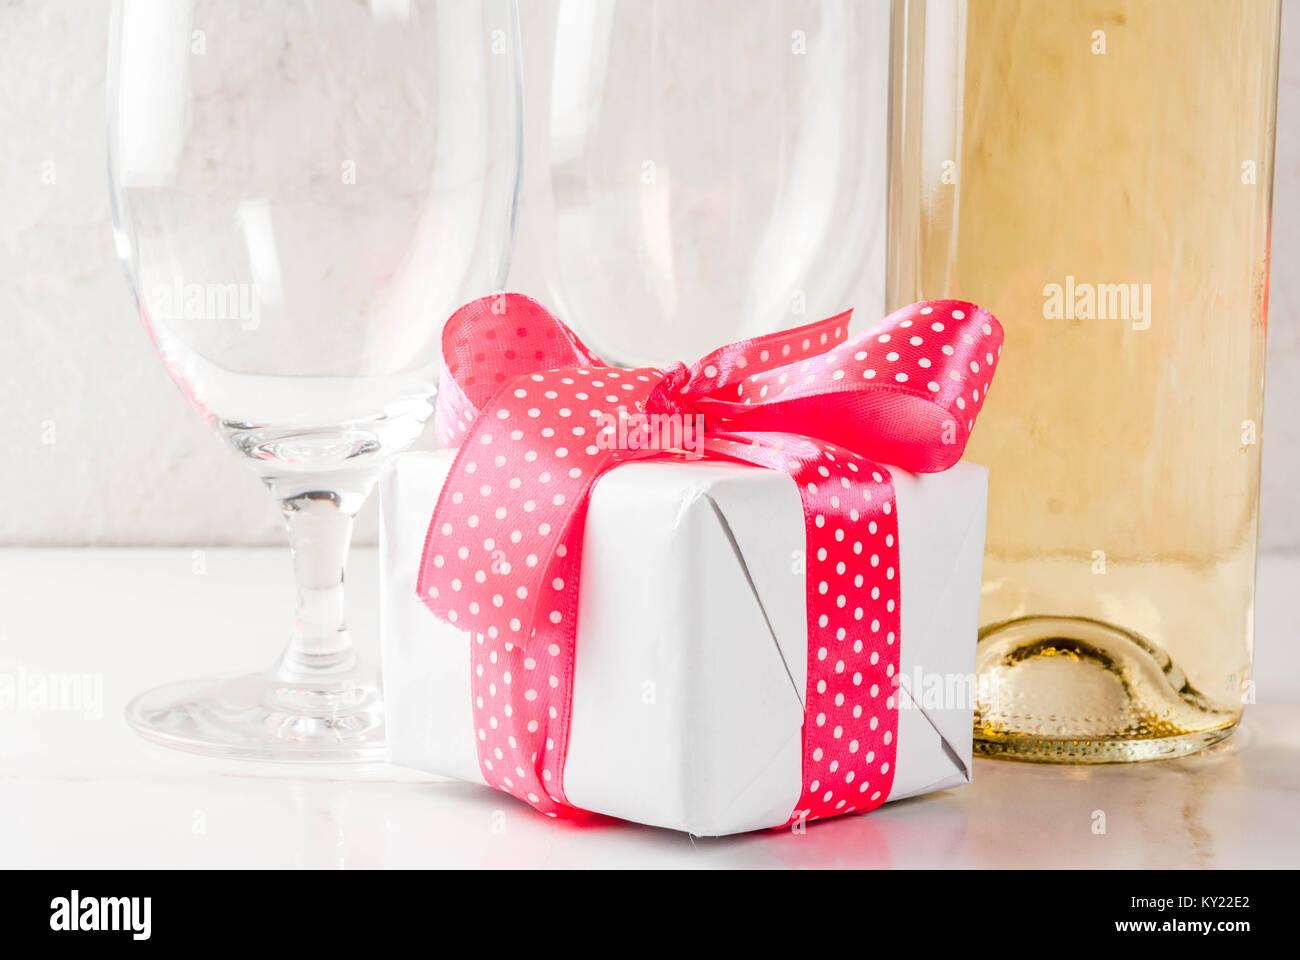 Glasses Wine Bottle Stock Photos & Glasses Wine Bottle Stock Images ...